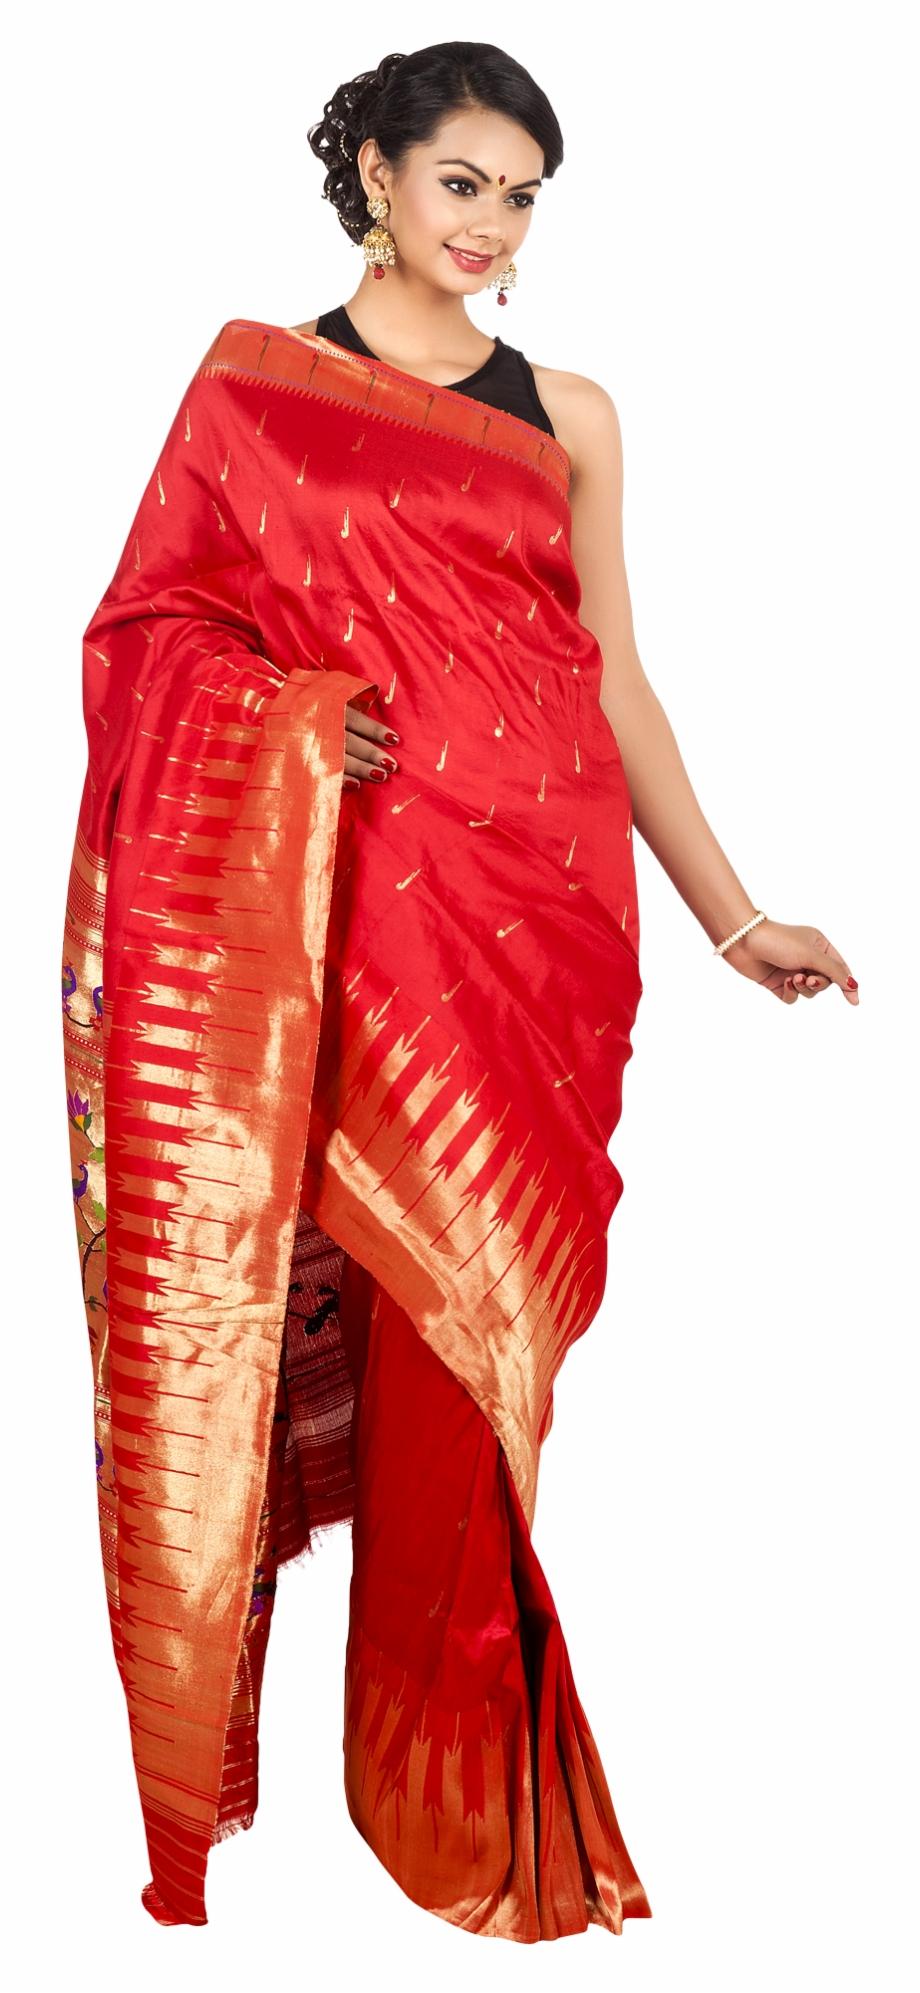 Wedding Saree Model Png Transparent.